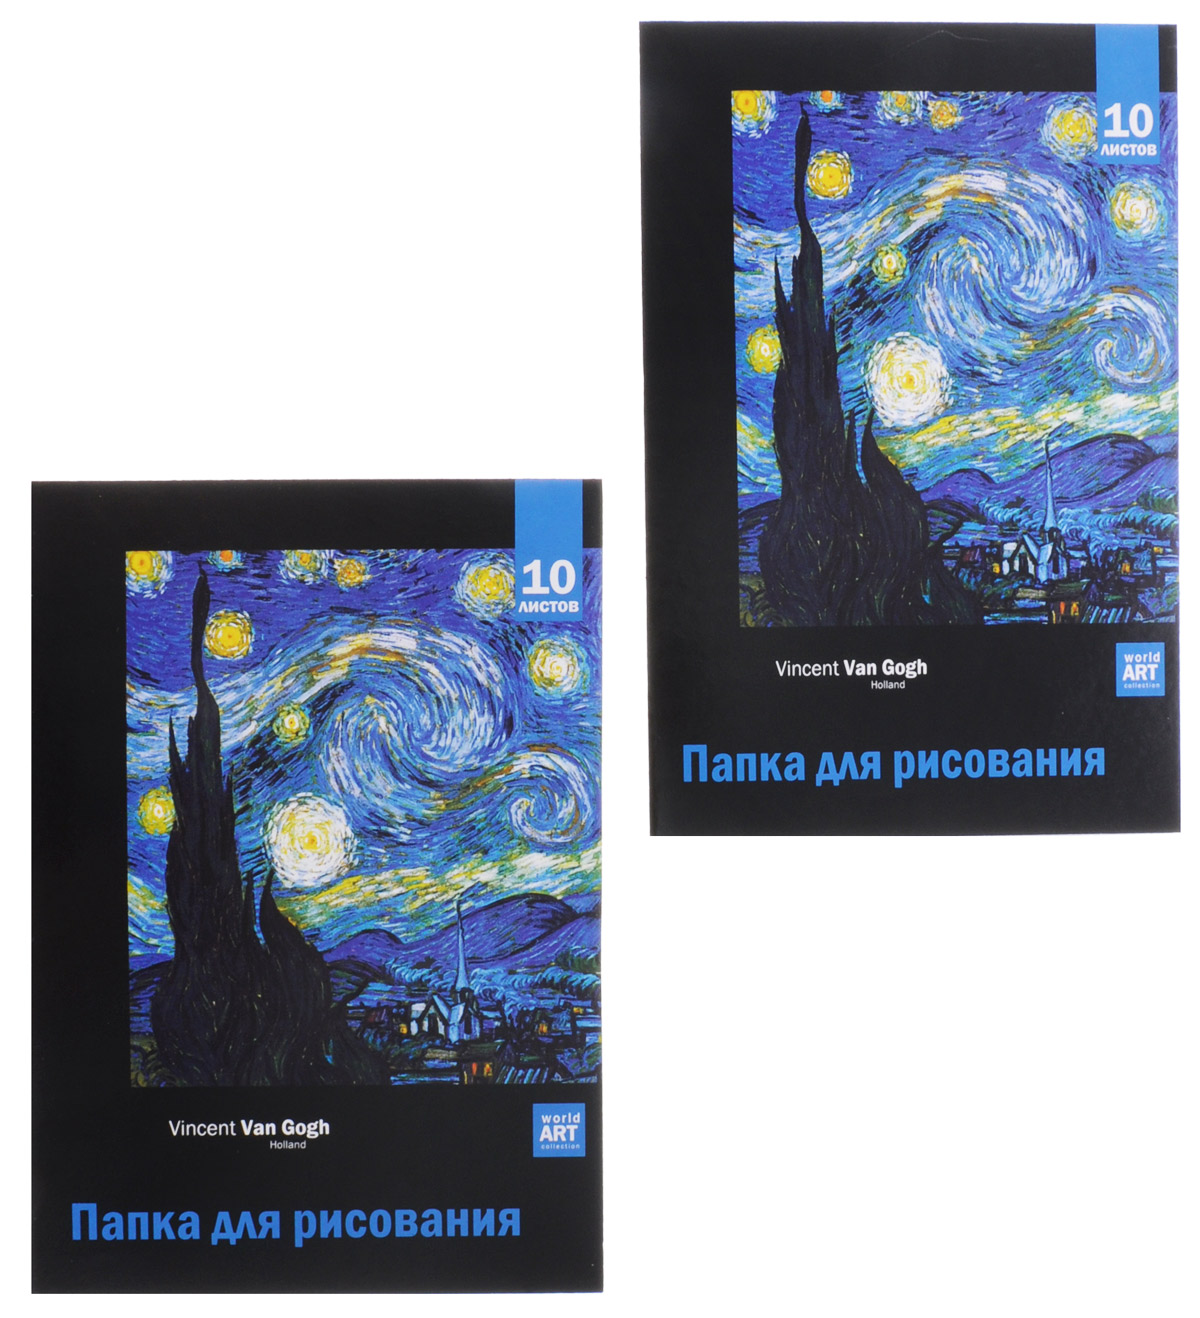 Action! Папка для рисования Vincent Van Gogh 10 листов 2 шт AFDS-4/10-272523WDПапка для рисования Action! Vincent Van Gogh предназначена для эскизов и рисования. Подходит для работ карандашами, пастелью, углем. Обложка - высококачественный мелованный картон с красочным изображением творчества Ван Гога. Бумажные листы удобно хранить в папке, которая надежно защитит их от повреждений. Одна папка содержит 10 листов бумаги. В набор входят две папки.